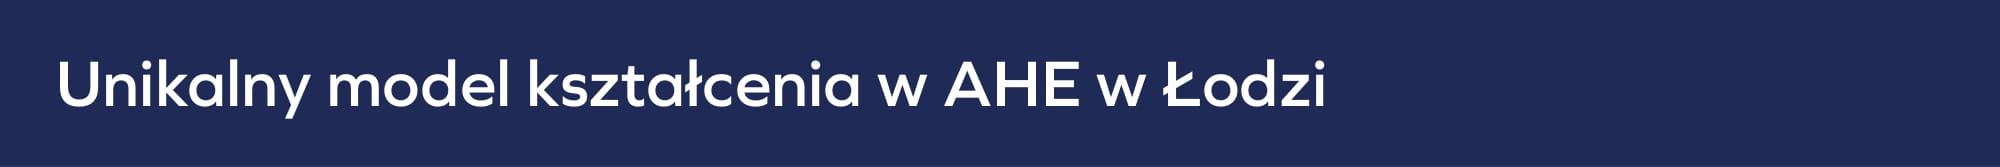 Rekrutacja AHE w Łodzi